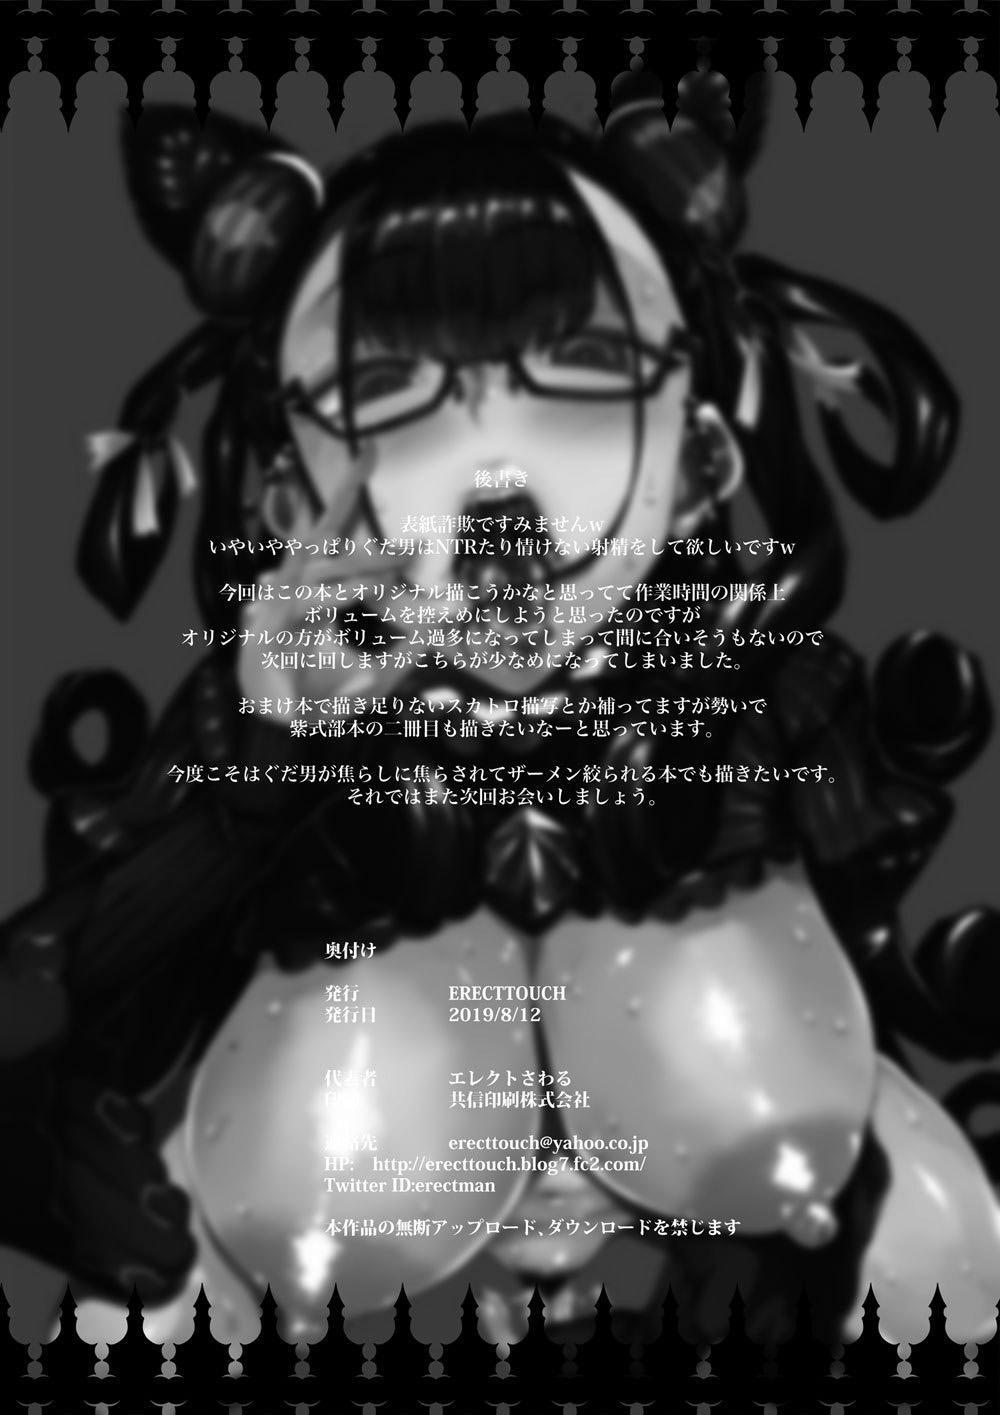 Murasaki Shikibu no Miminame Tekoki Chikubizeme ni Taeraretara Nama Sex Dekiru Hon 29